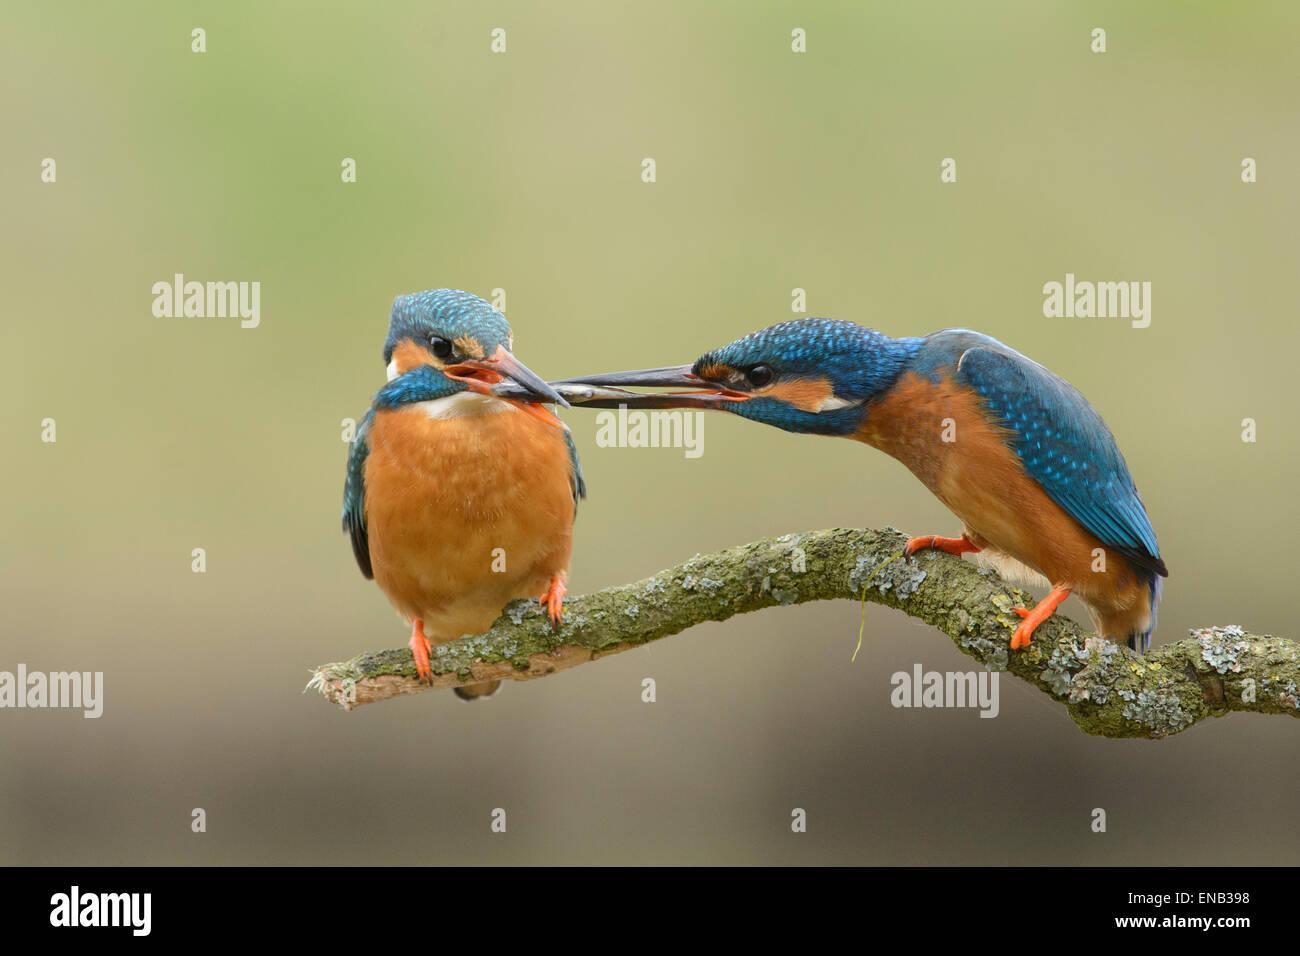 Il comportamento di corteggiamento di una coppia di martin pescatore. Il maschio offre un pesce per la sua femmina. Immagini Stock